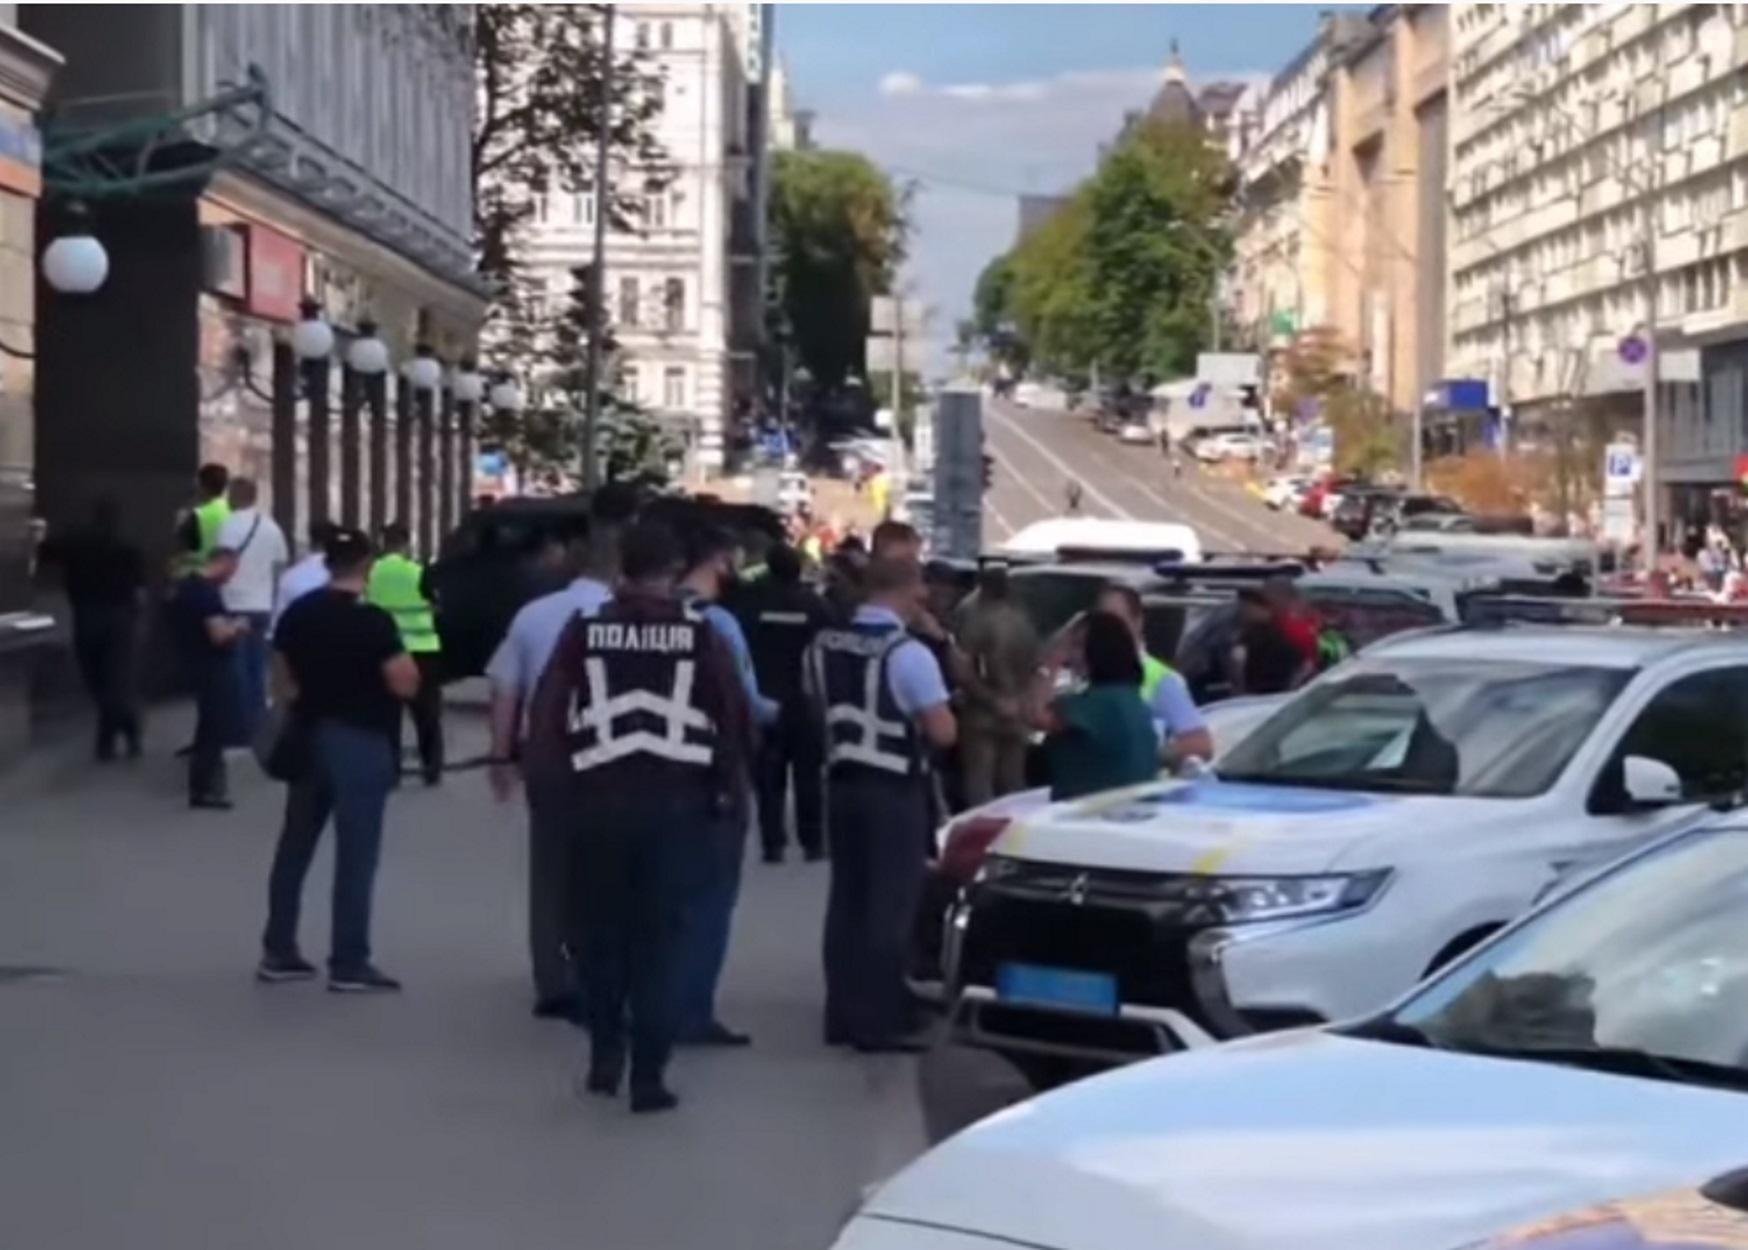 Κίεβο: Εξουδετερώθηκε ο άνδρας που απειλούσε να ανατινάξει τράπεζα (pics, video)